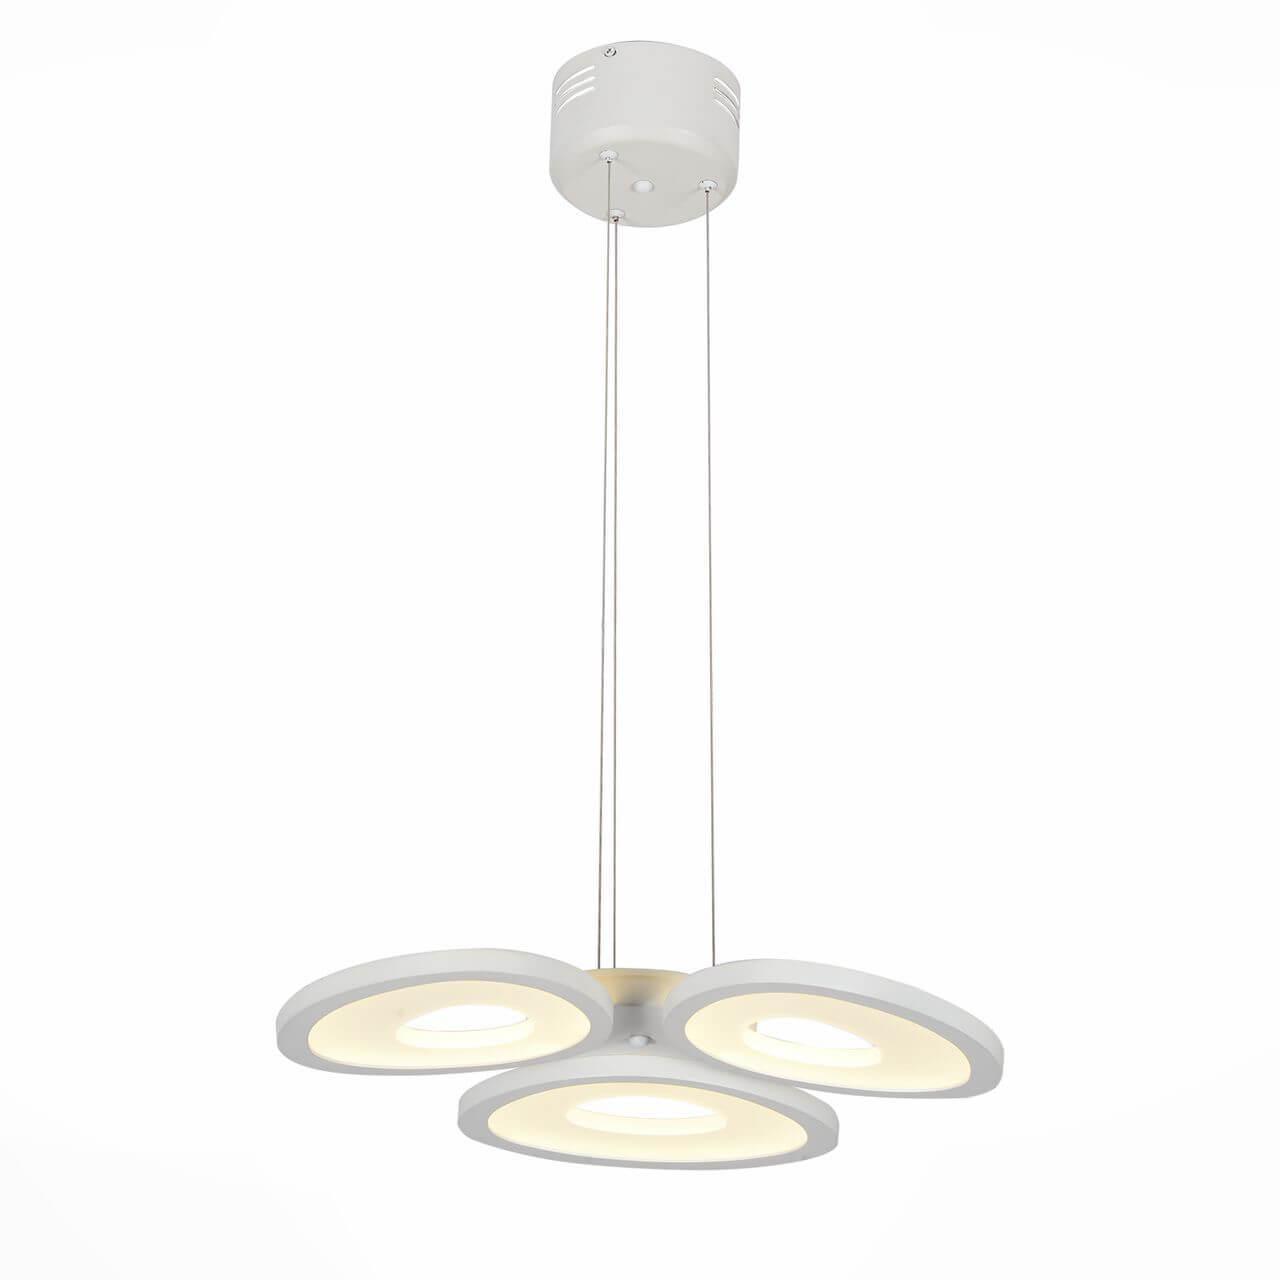 Подвесной светильник ST Luce SL929.503.03, LED, 12 Вт подвесная светодиодная люстра st luce fondere sl906 403 08